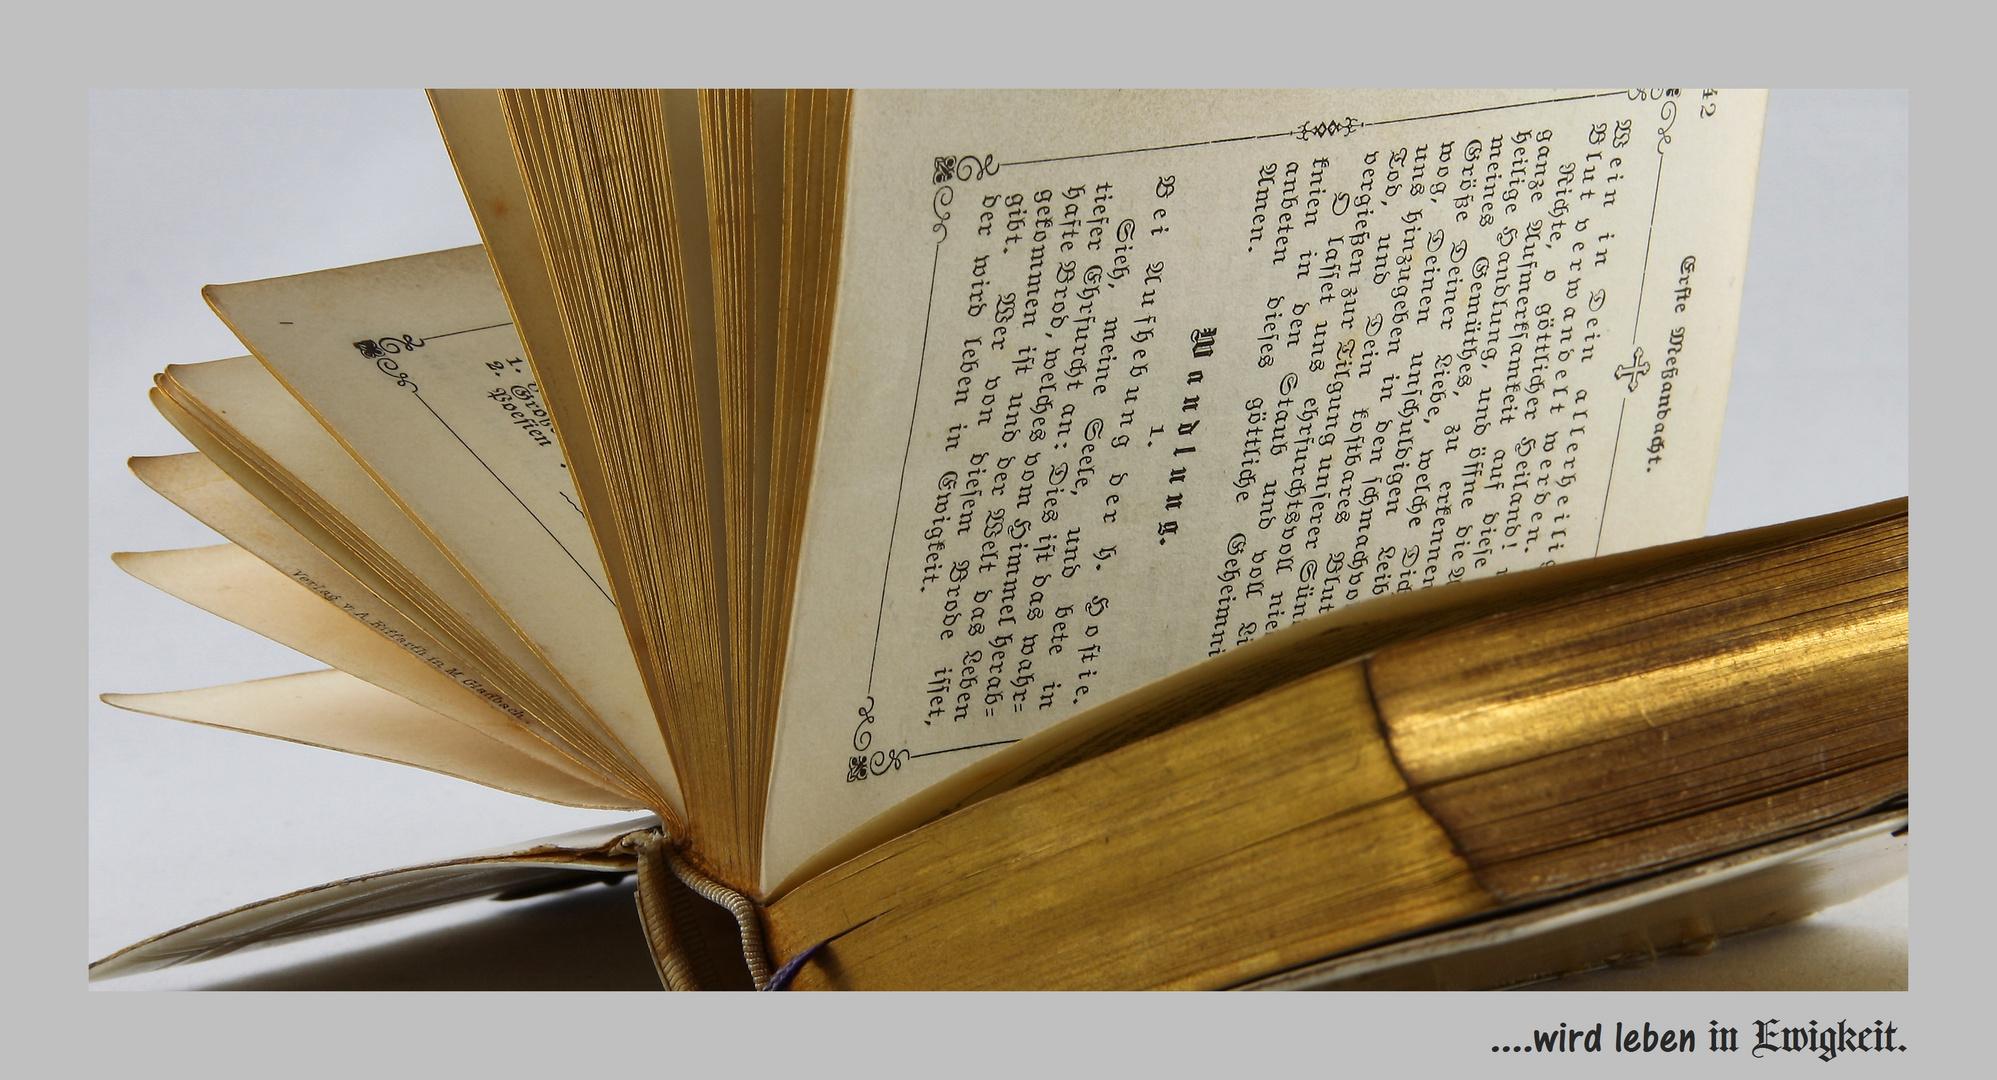 Das Buch bleibt geöffnet, es wird nicht geschlossen.....##1499#